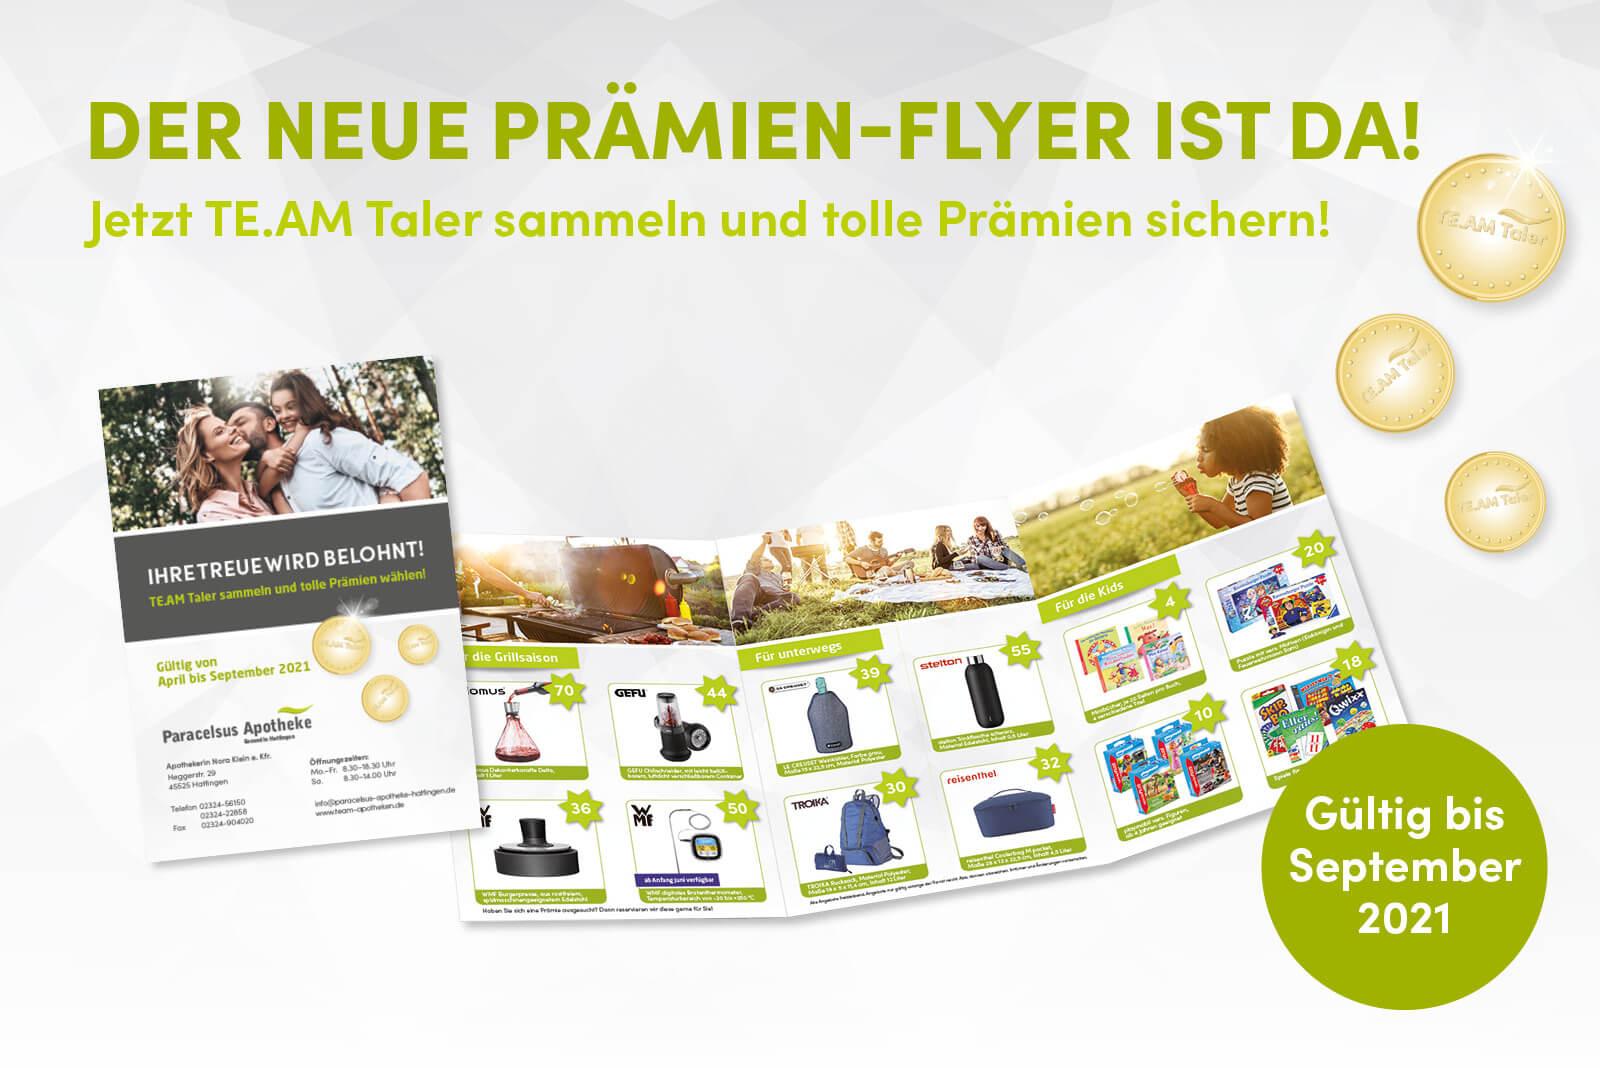 Prämien-Flyer April-September 2021 Paracelsus Apotheke